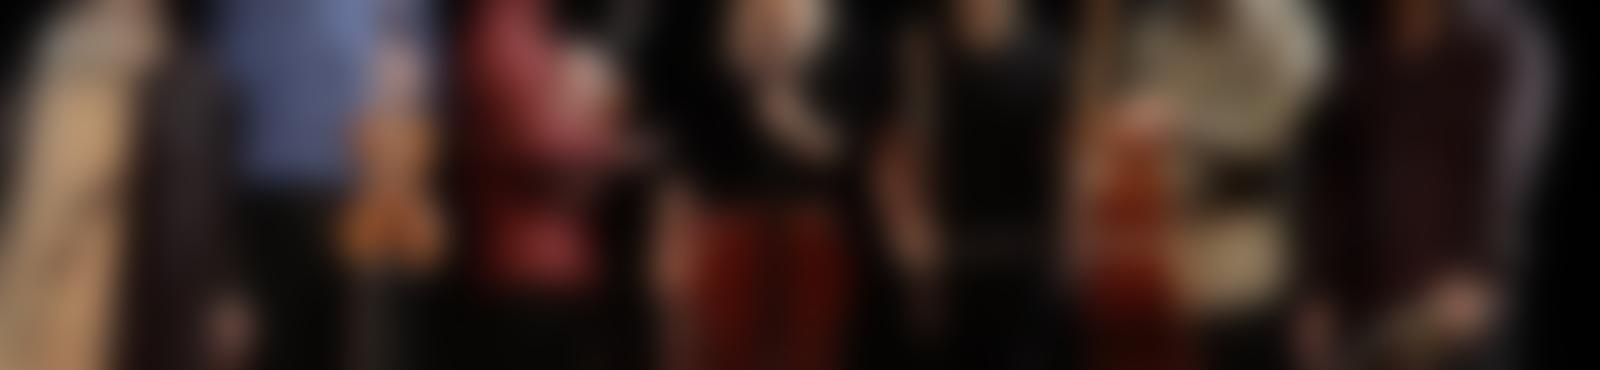 Blurred 62635b45 b931 42f6 812d 35ab9f00d8d5